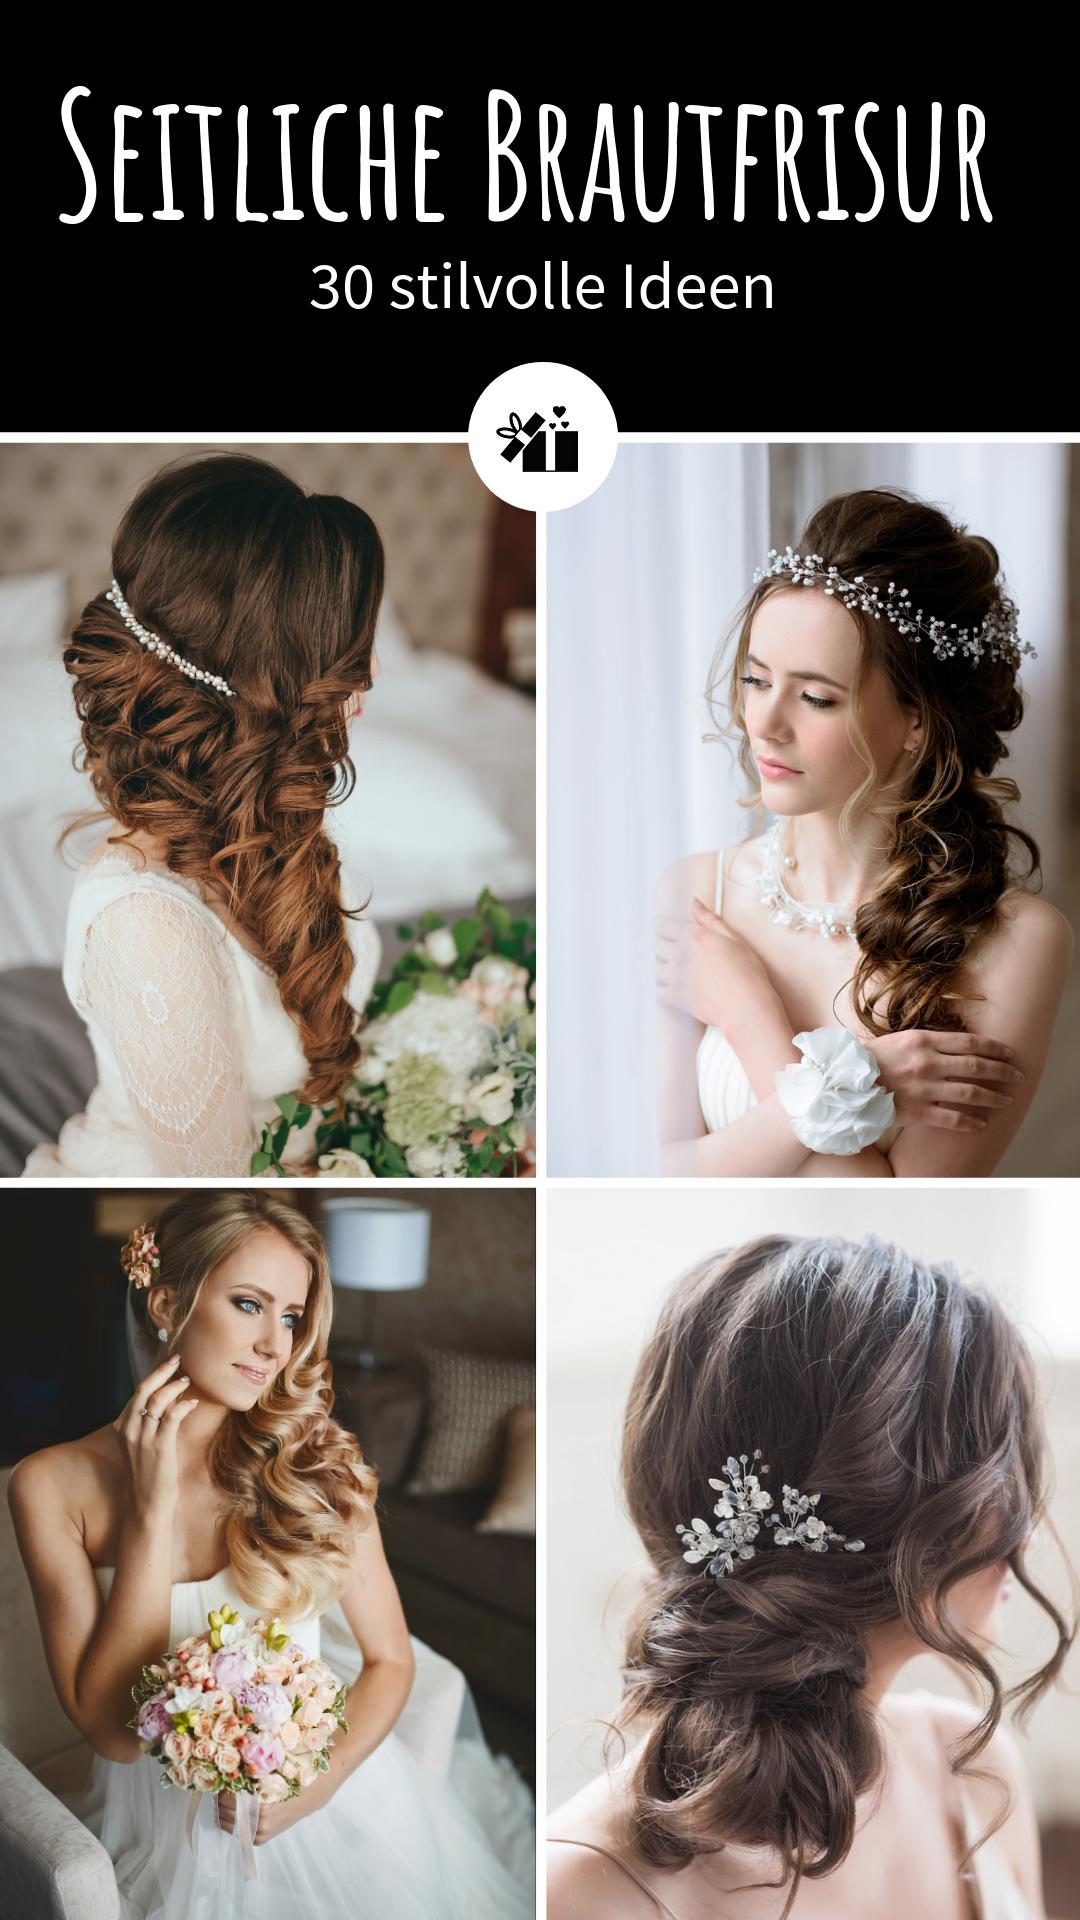 Brautfrisur Seitlich Tragen 30 Stilvolle Ideen Hochzeitskiste Brautfrisur Frisur Braut Hochzeitsfrisuren